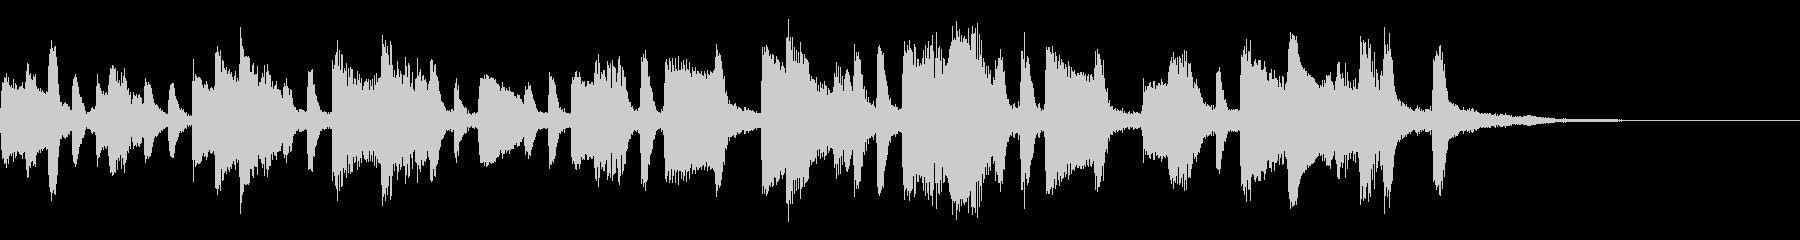 ひょうきんな和風ジングル35-ピアノソロの未再生の波形